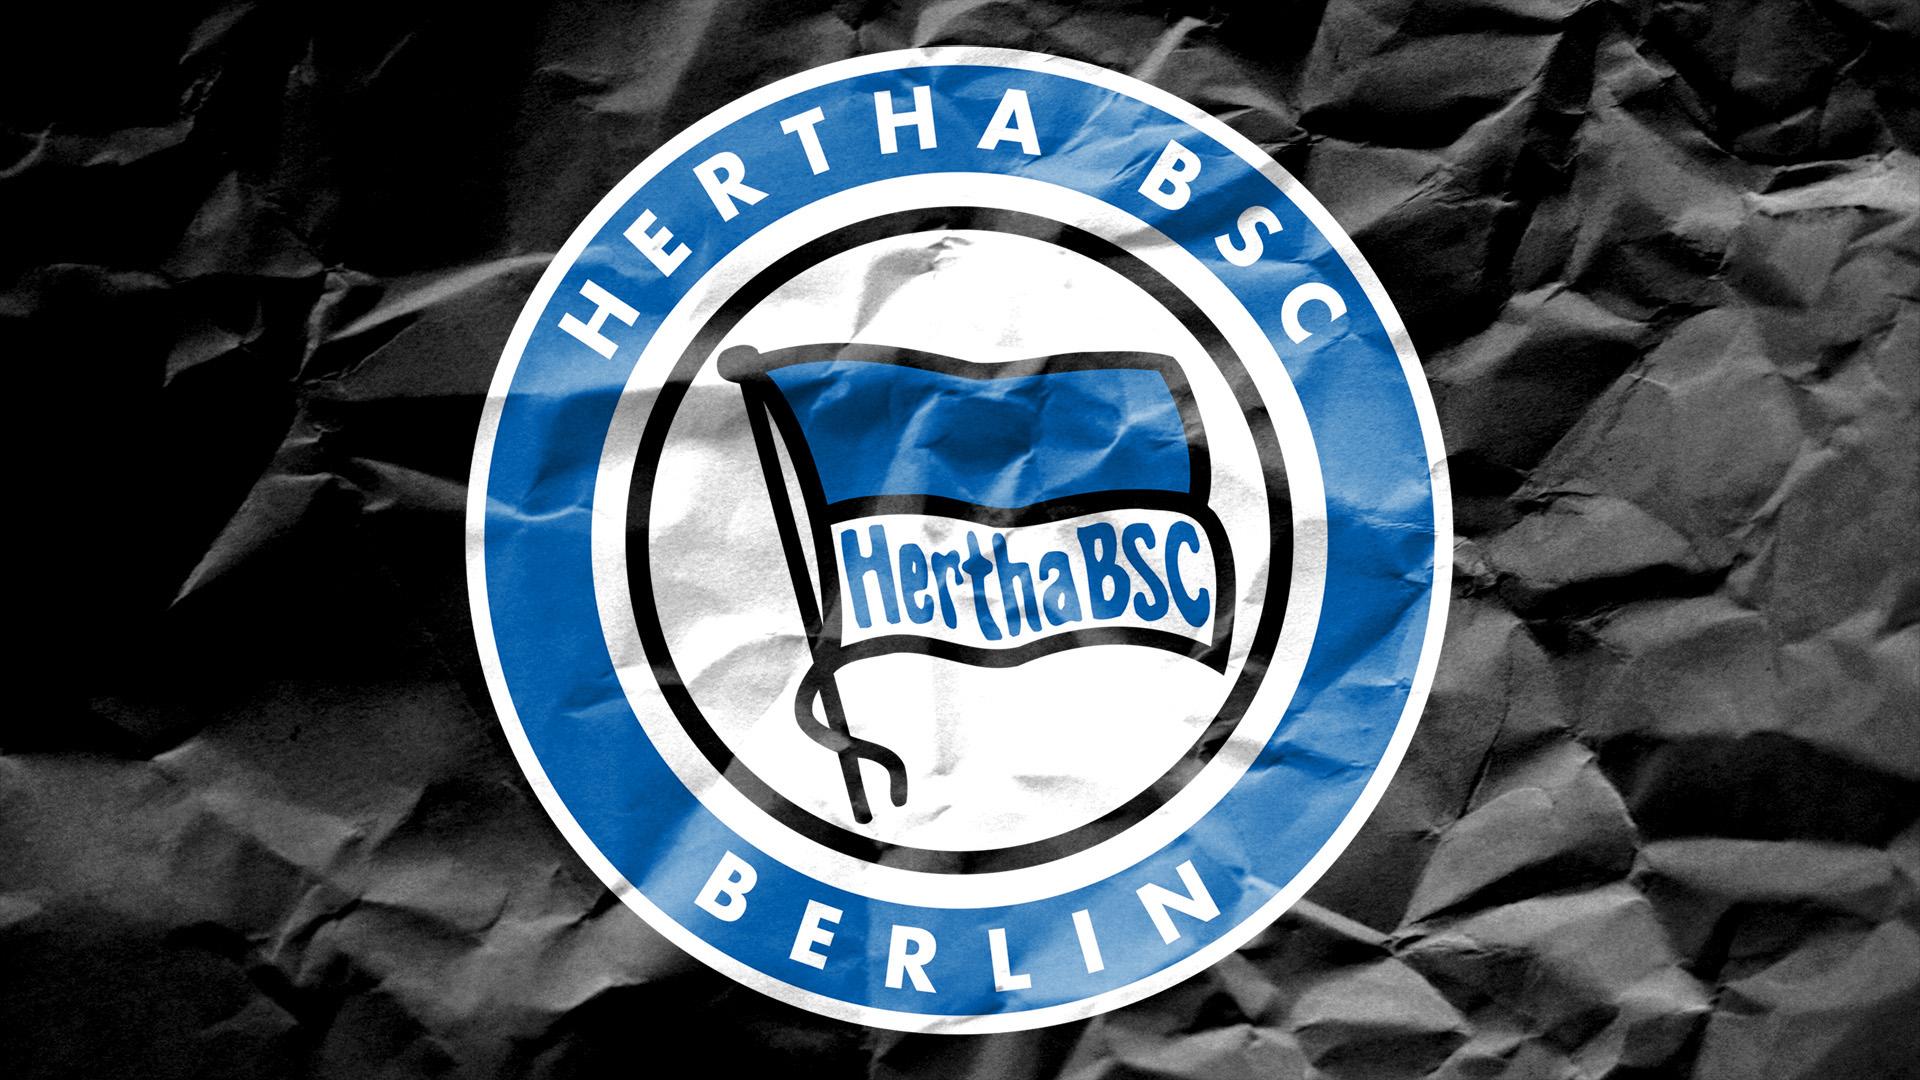 Hertha Bsc Bild